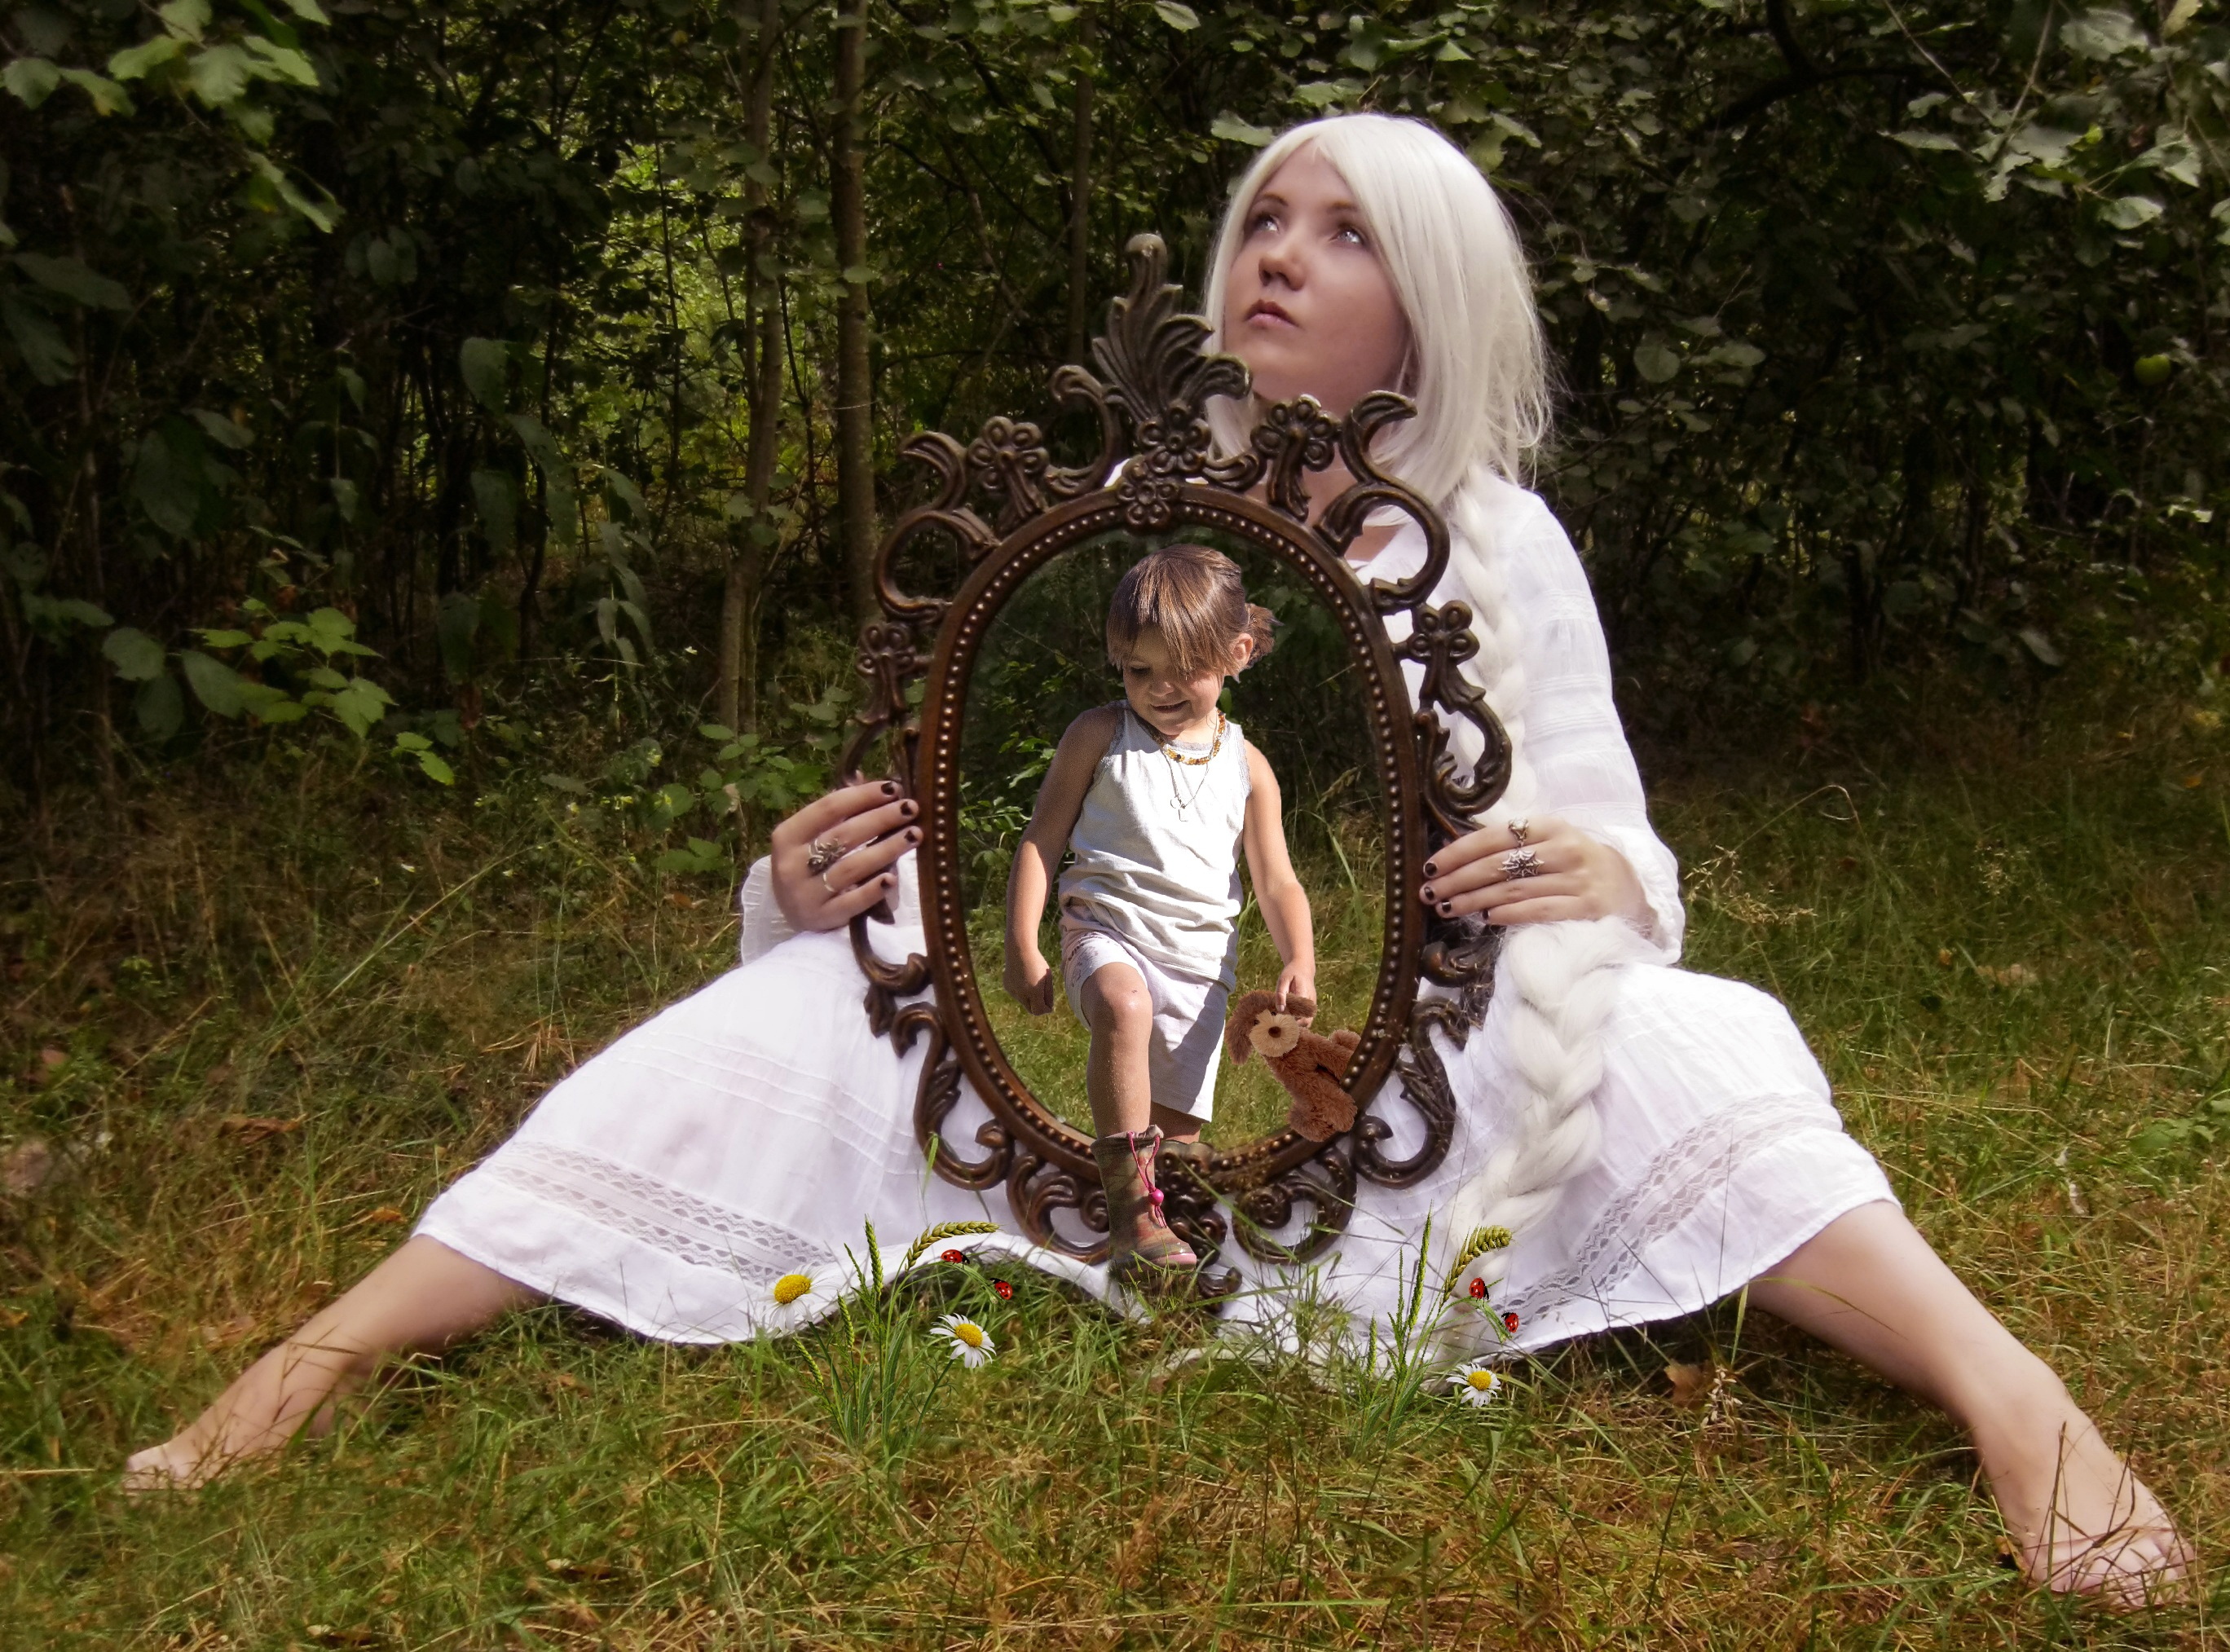 Nogle gange har vi brug for et velfungerende spejl